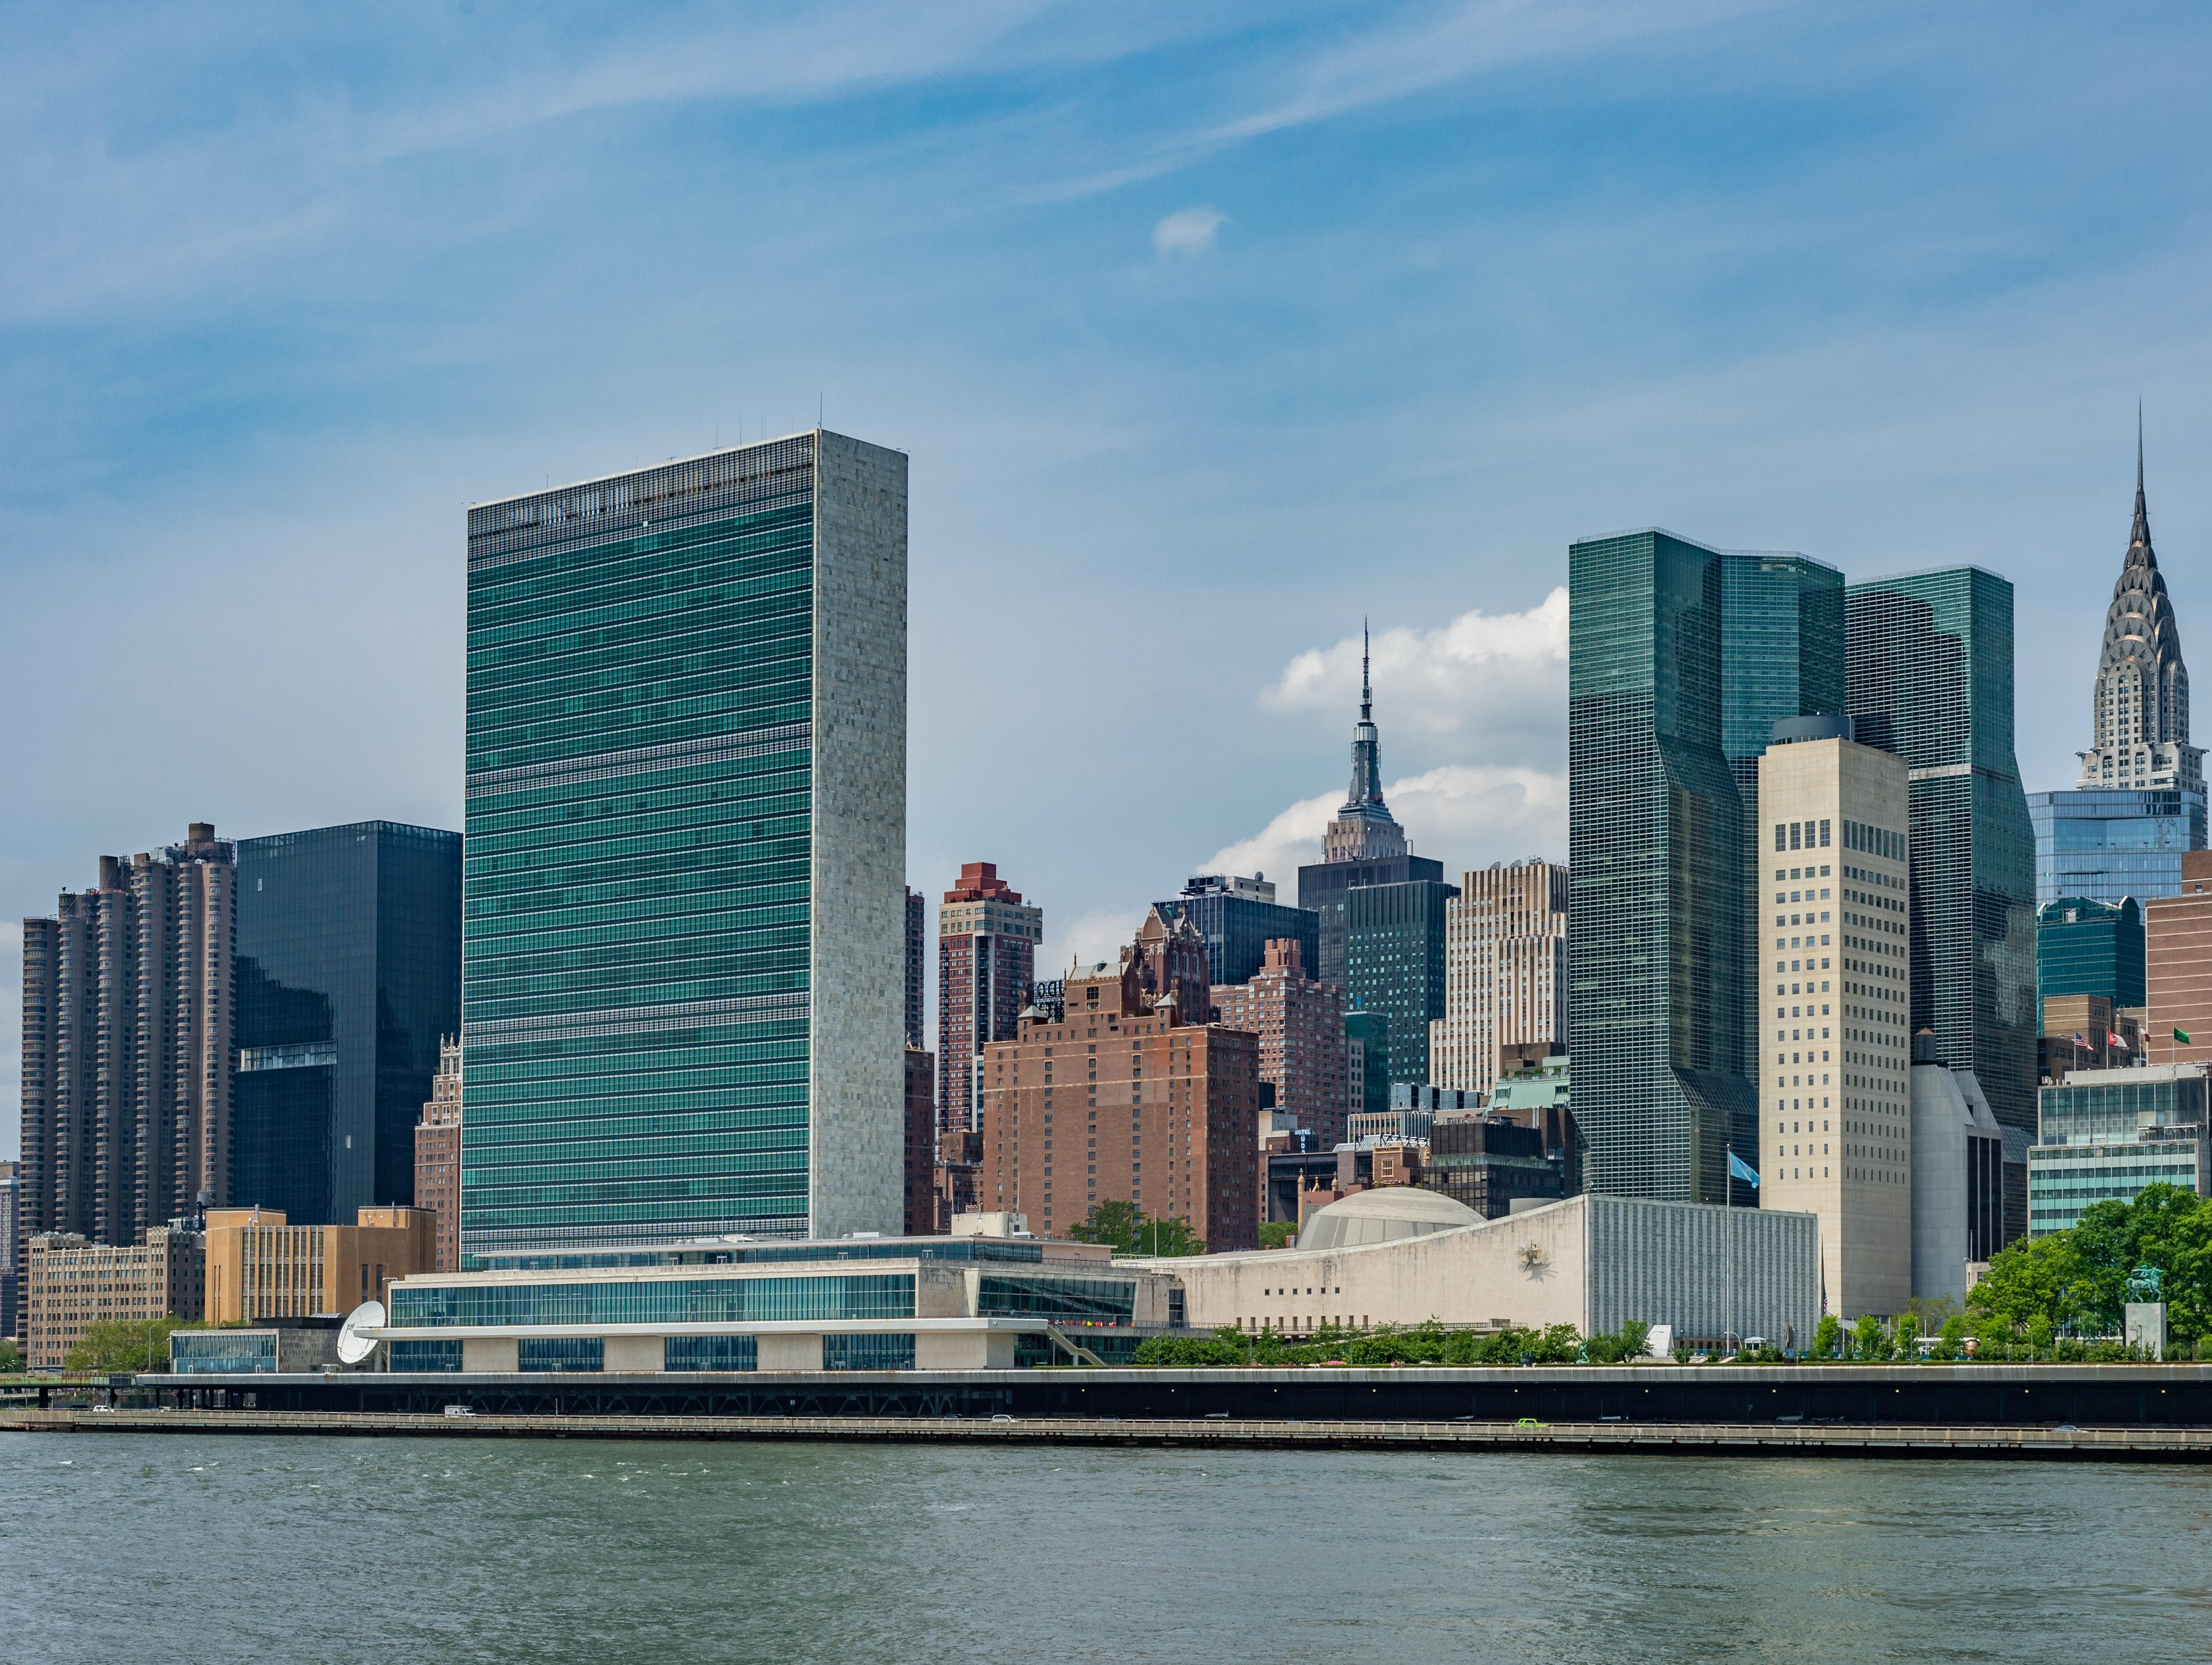 Die Vereinten Nationen: Die Menschheit und den Planeten beschützen